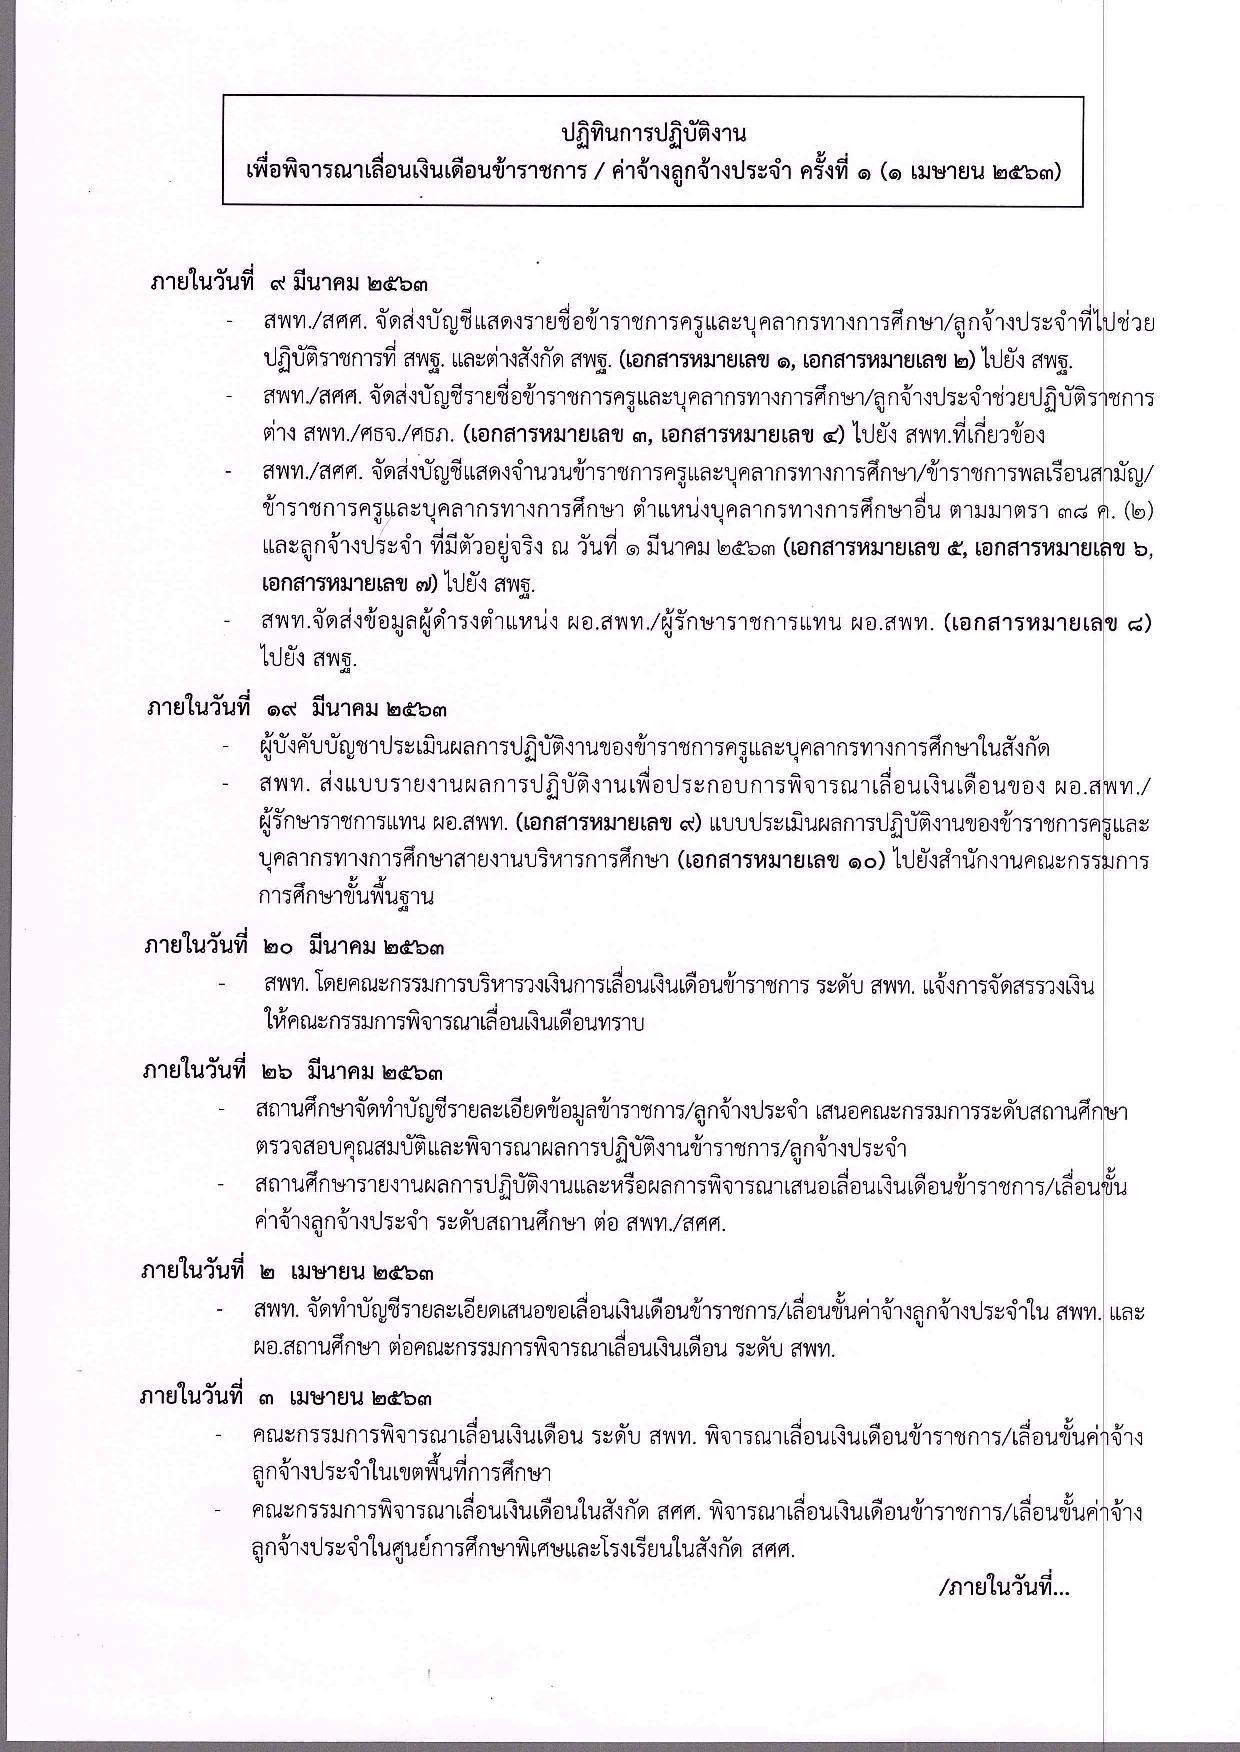 ปฏิทินการเลื่อนเงินเดือน ของข้าราชการครู ค่าจ้างของลูกจ้างประจํา ครั้งที่ 1 ปี 2562 (1 เมษายน 2562) สังกัด สพฐ.